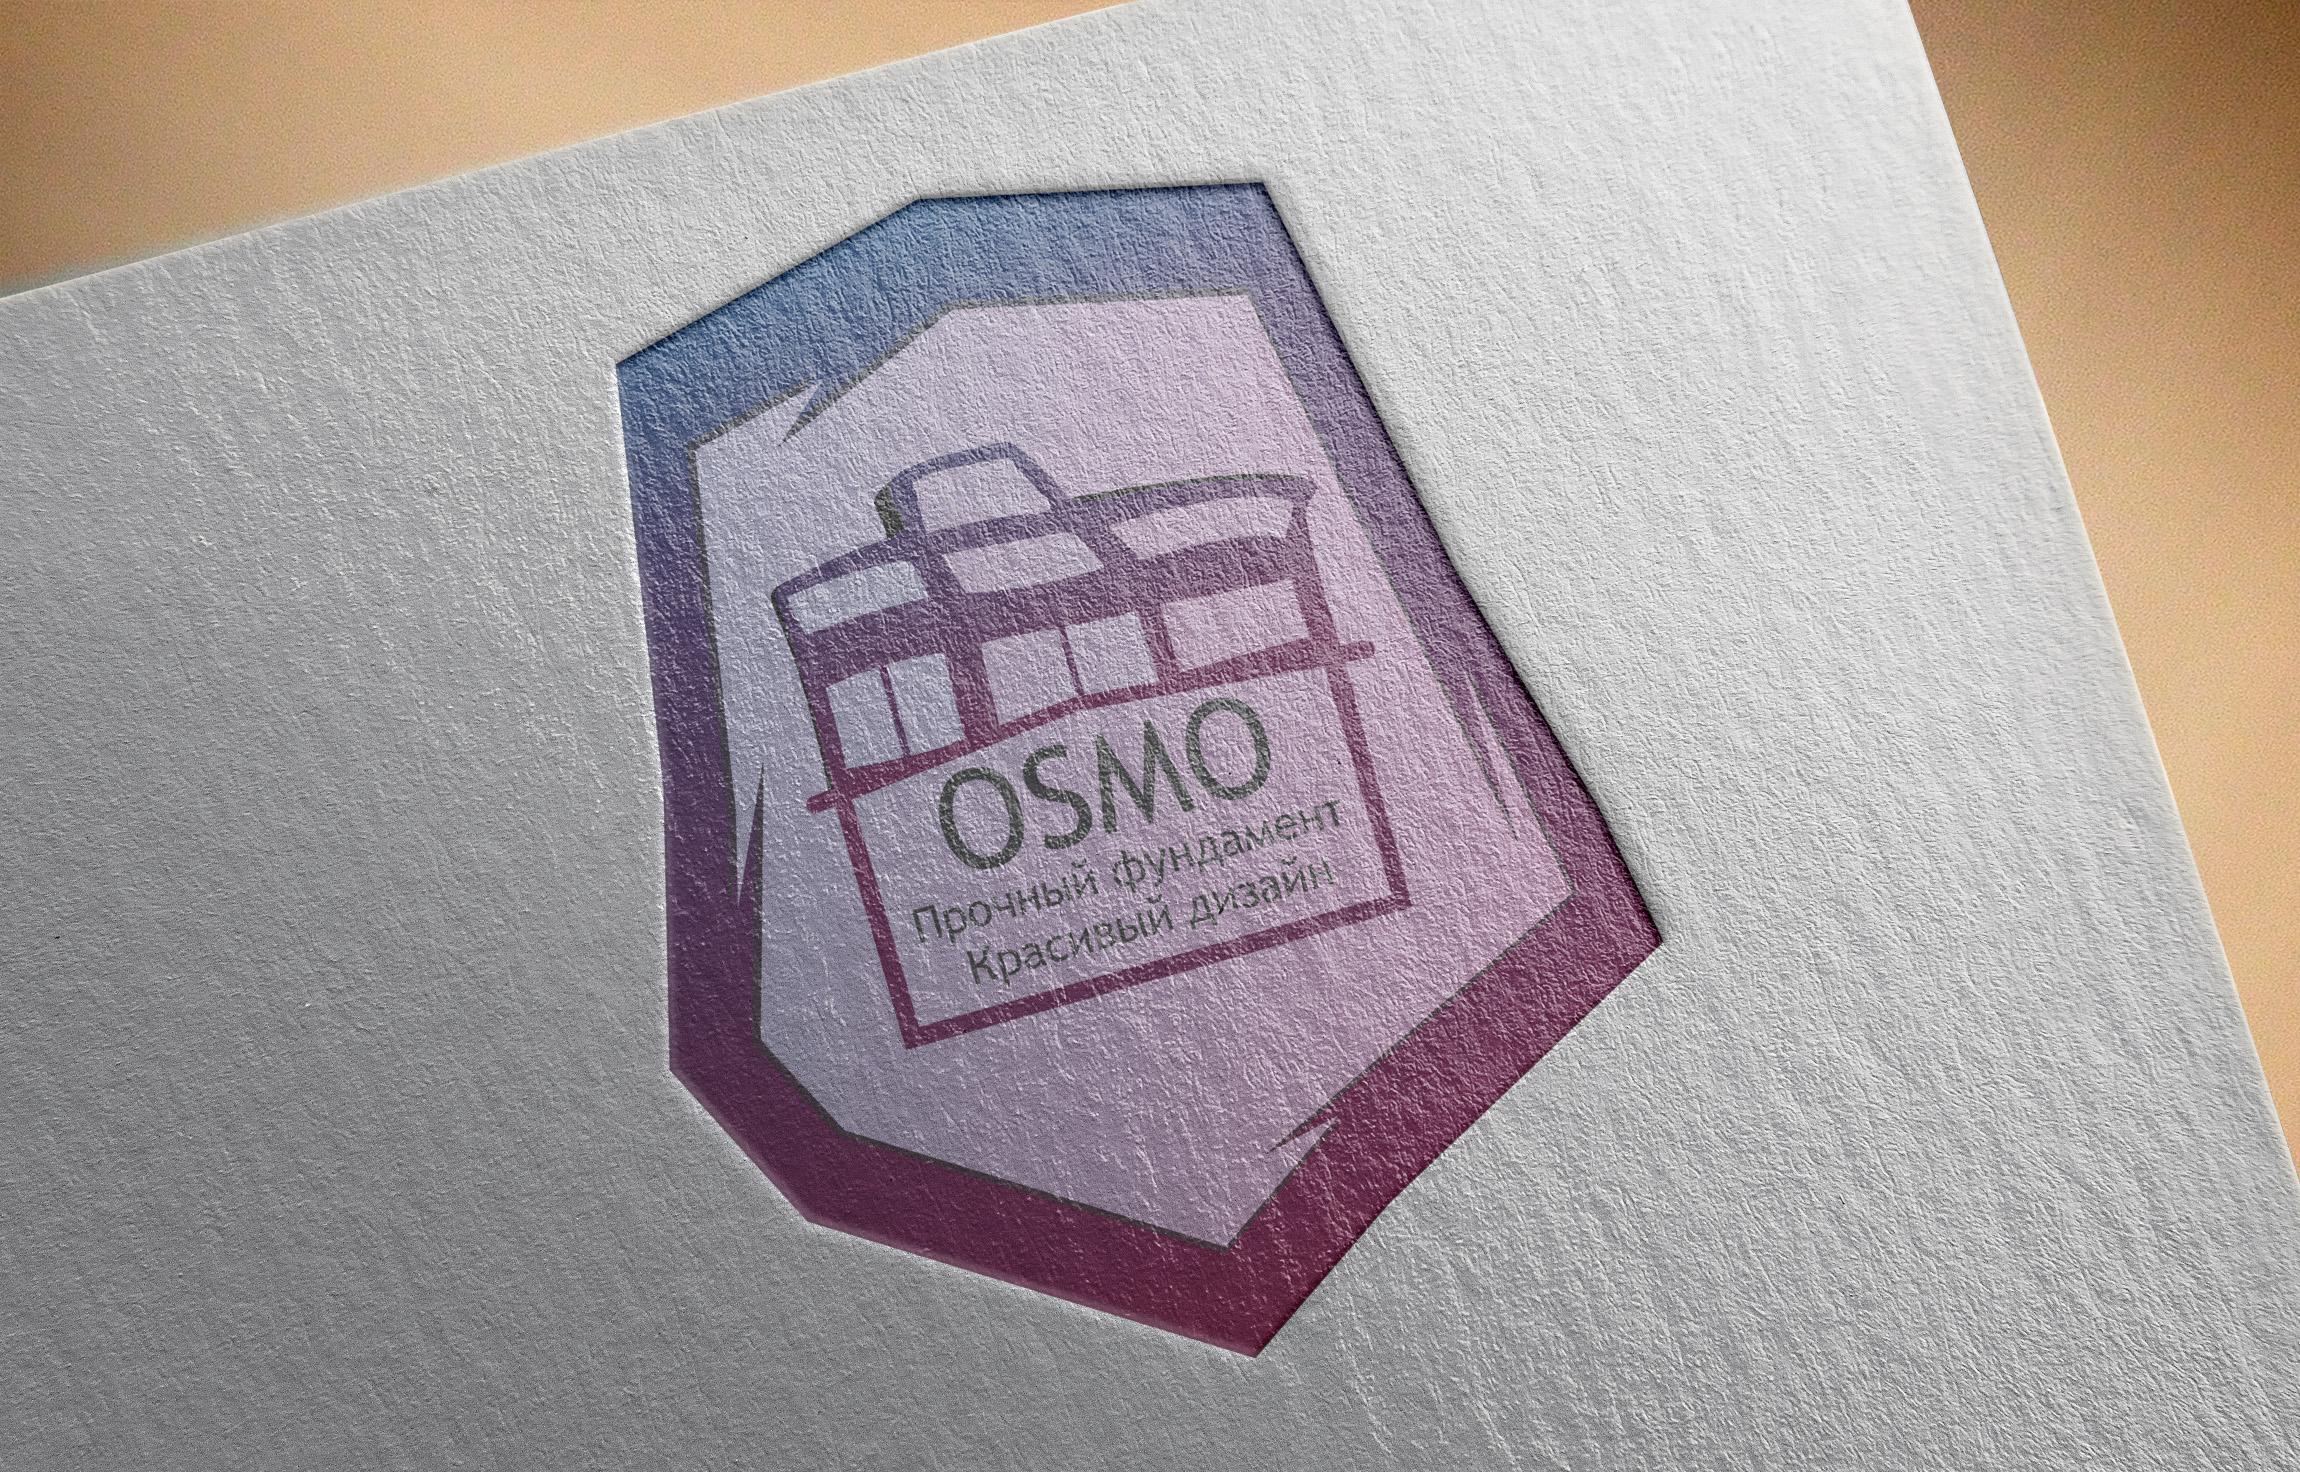 Создание логотипа для строительной компании OSMO group  фото f_68059b543c7e6d36.jpg